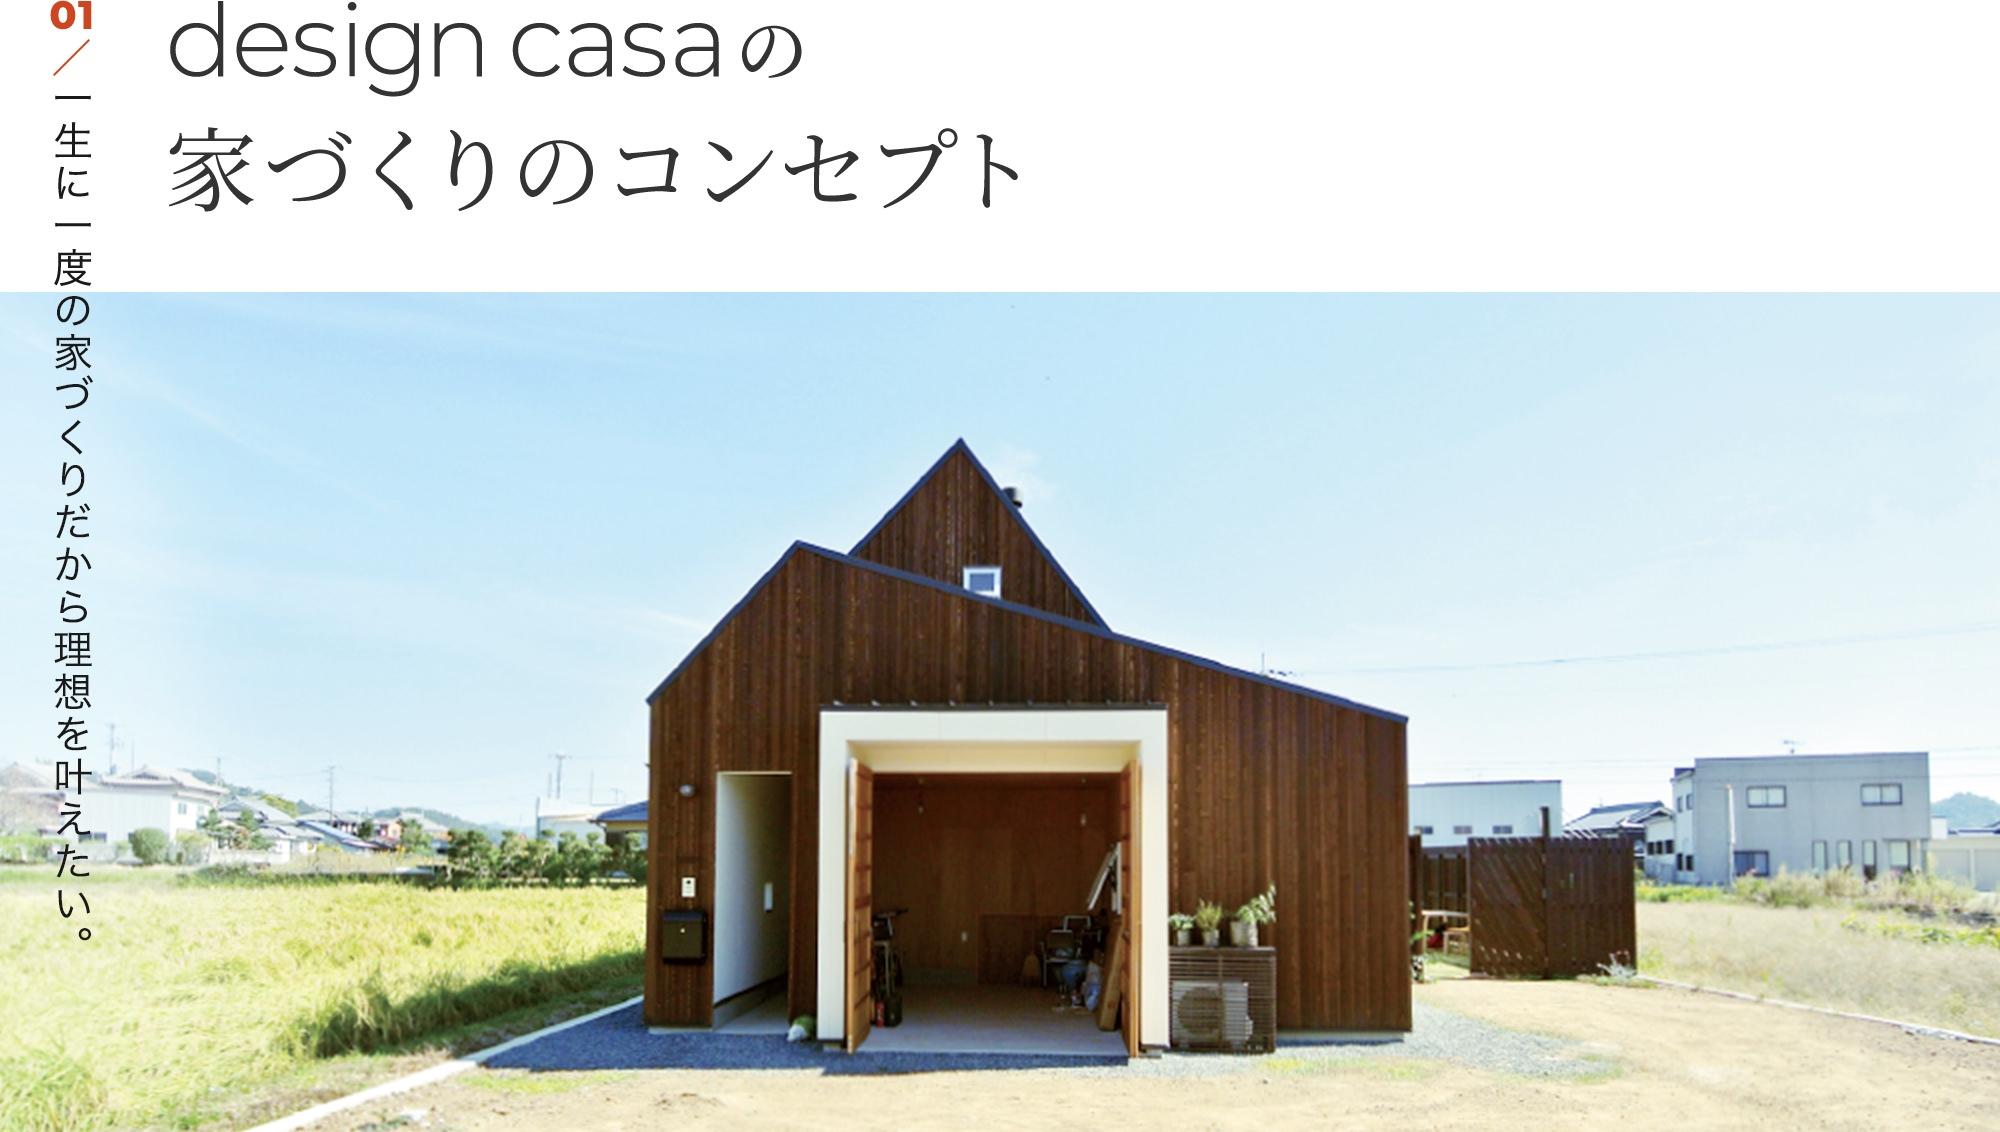 design casaの家つくりのコンセプト